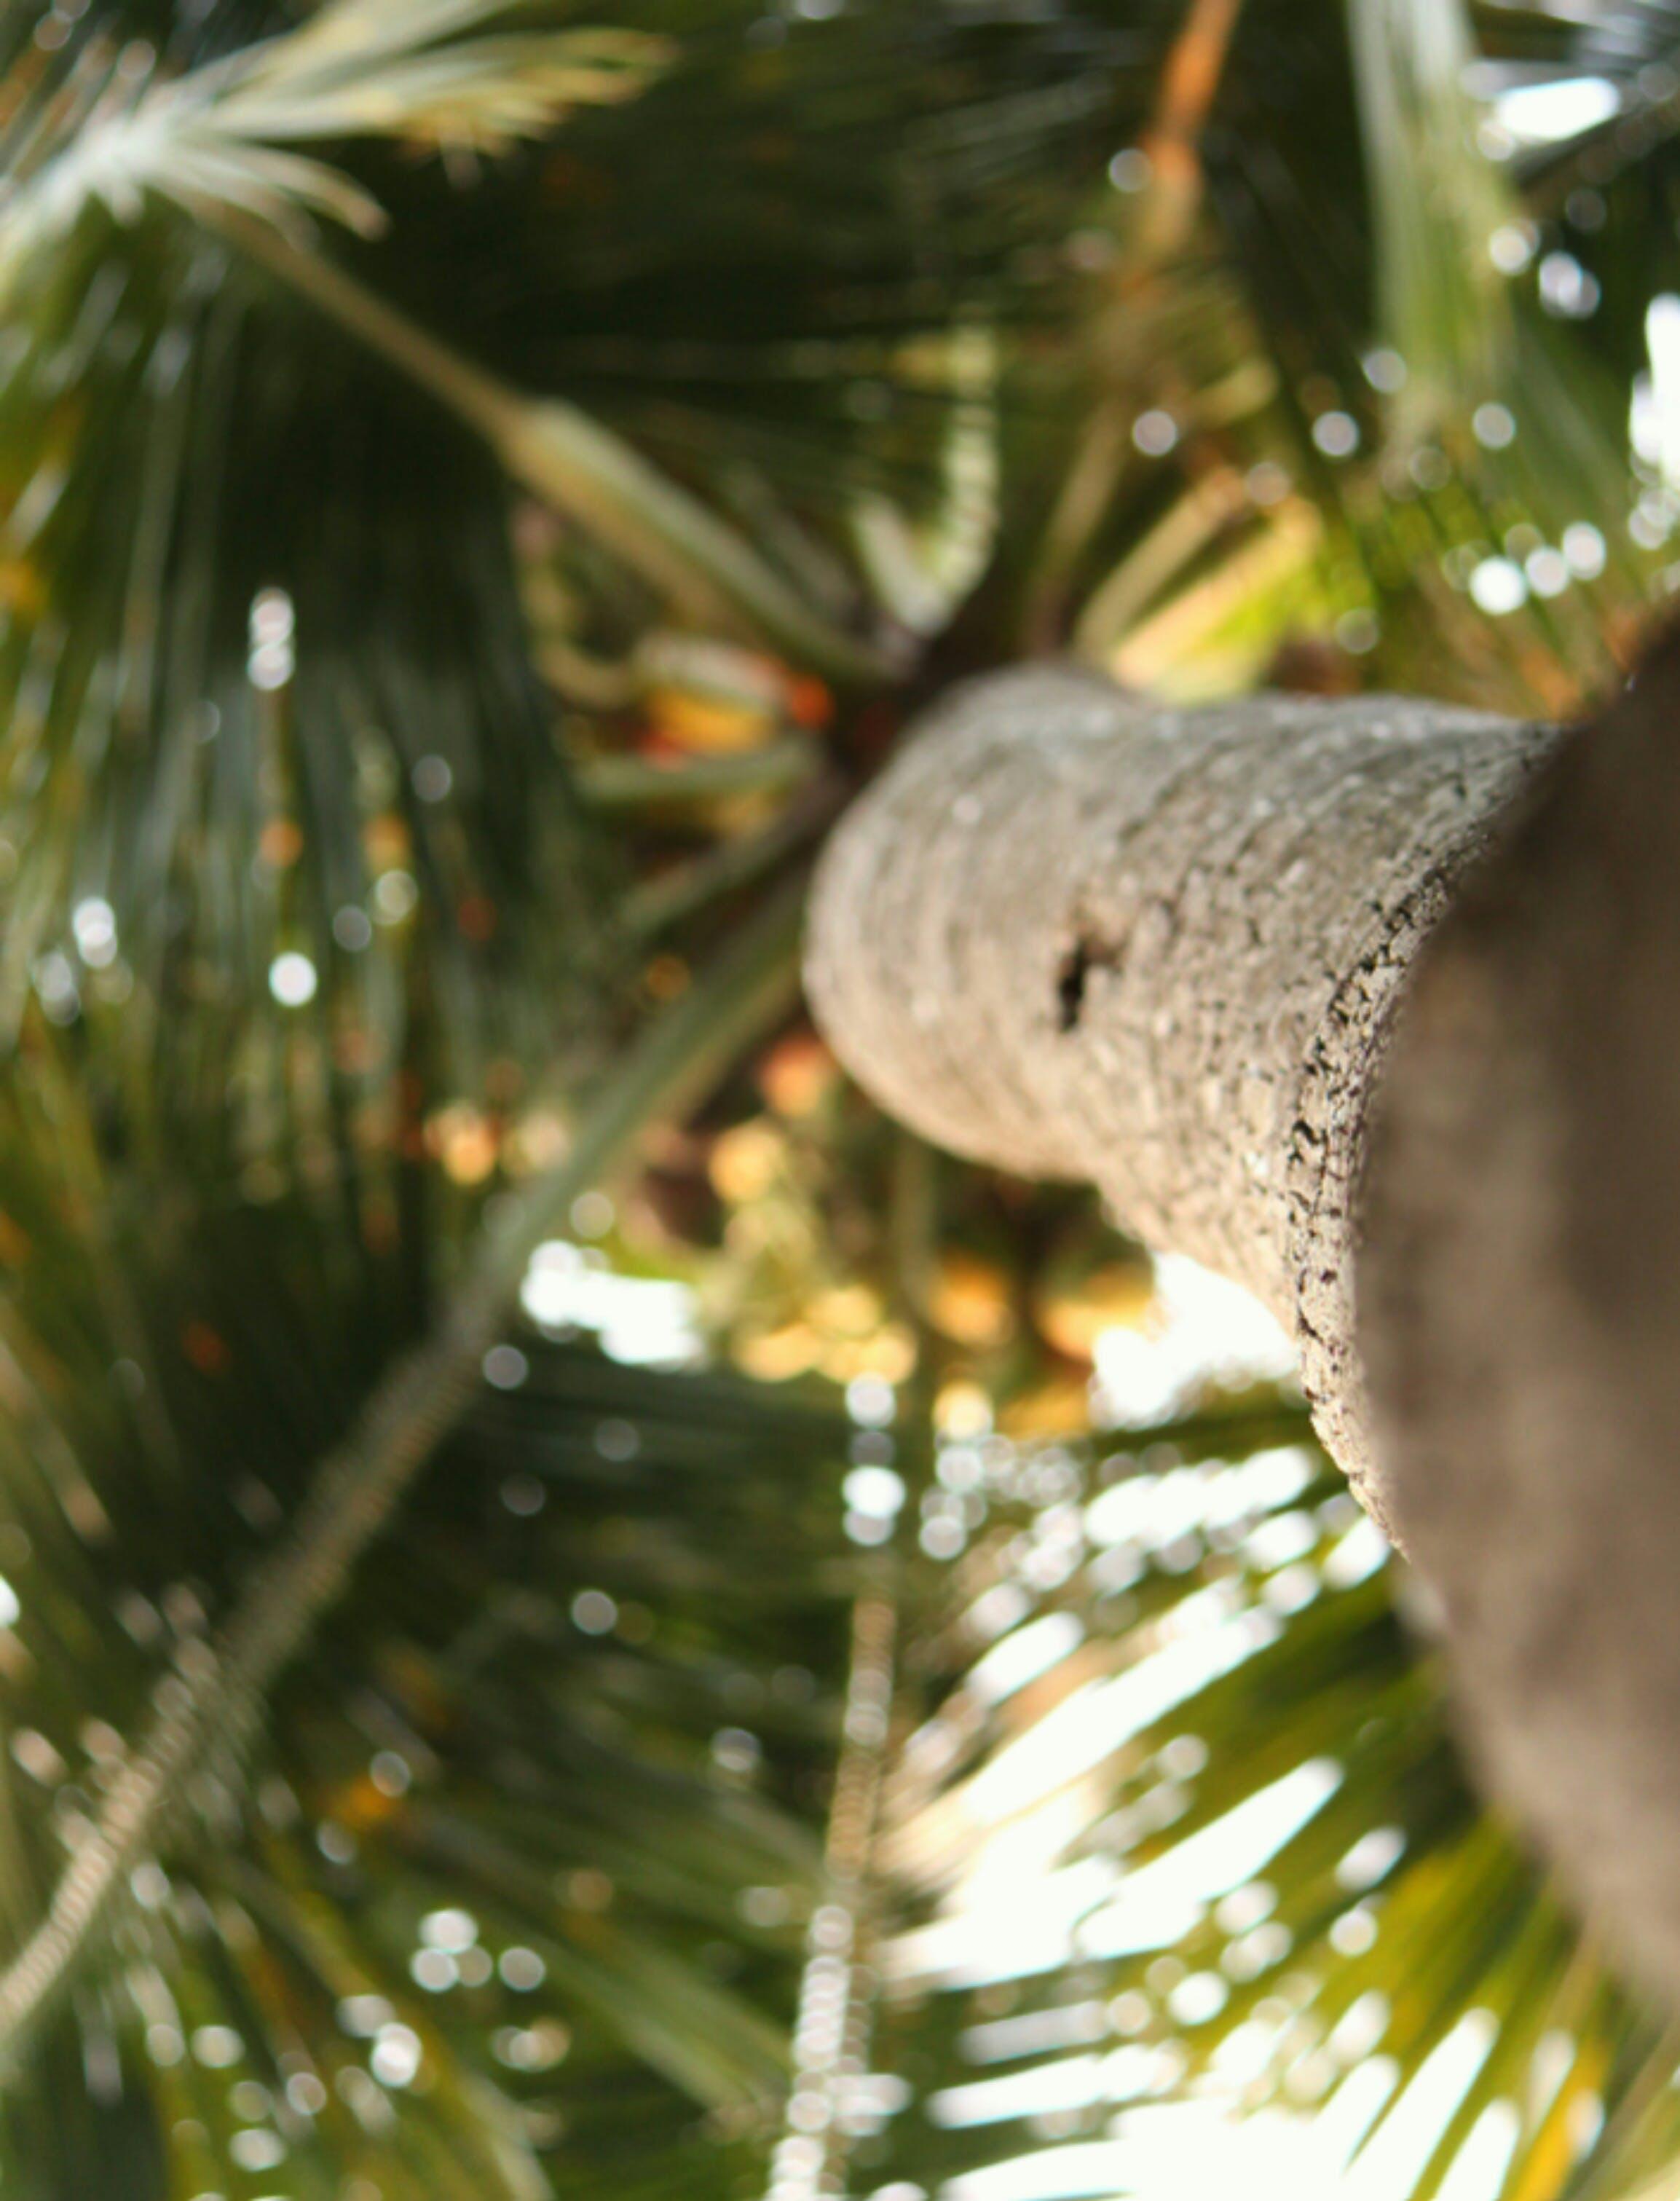 나무 줄기, 로우앵글 샷, 야자나무, 원근감의 무료 스톡 사진